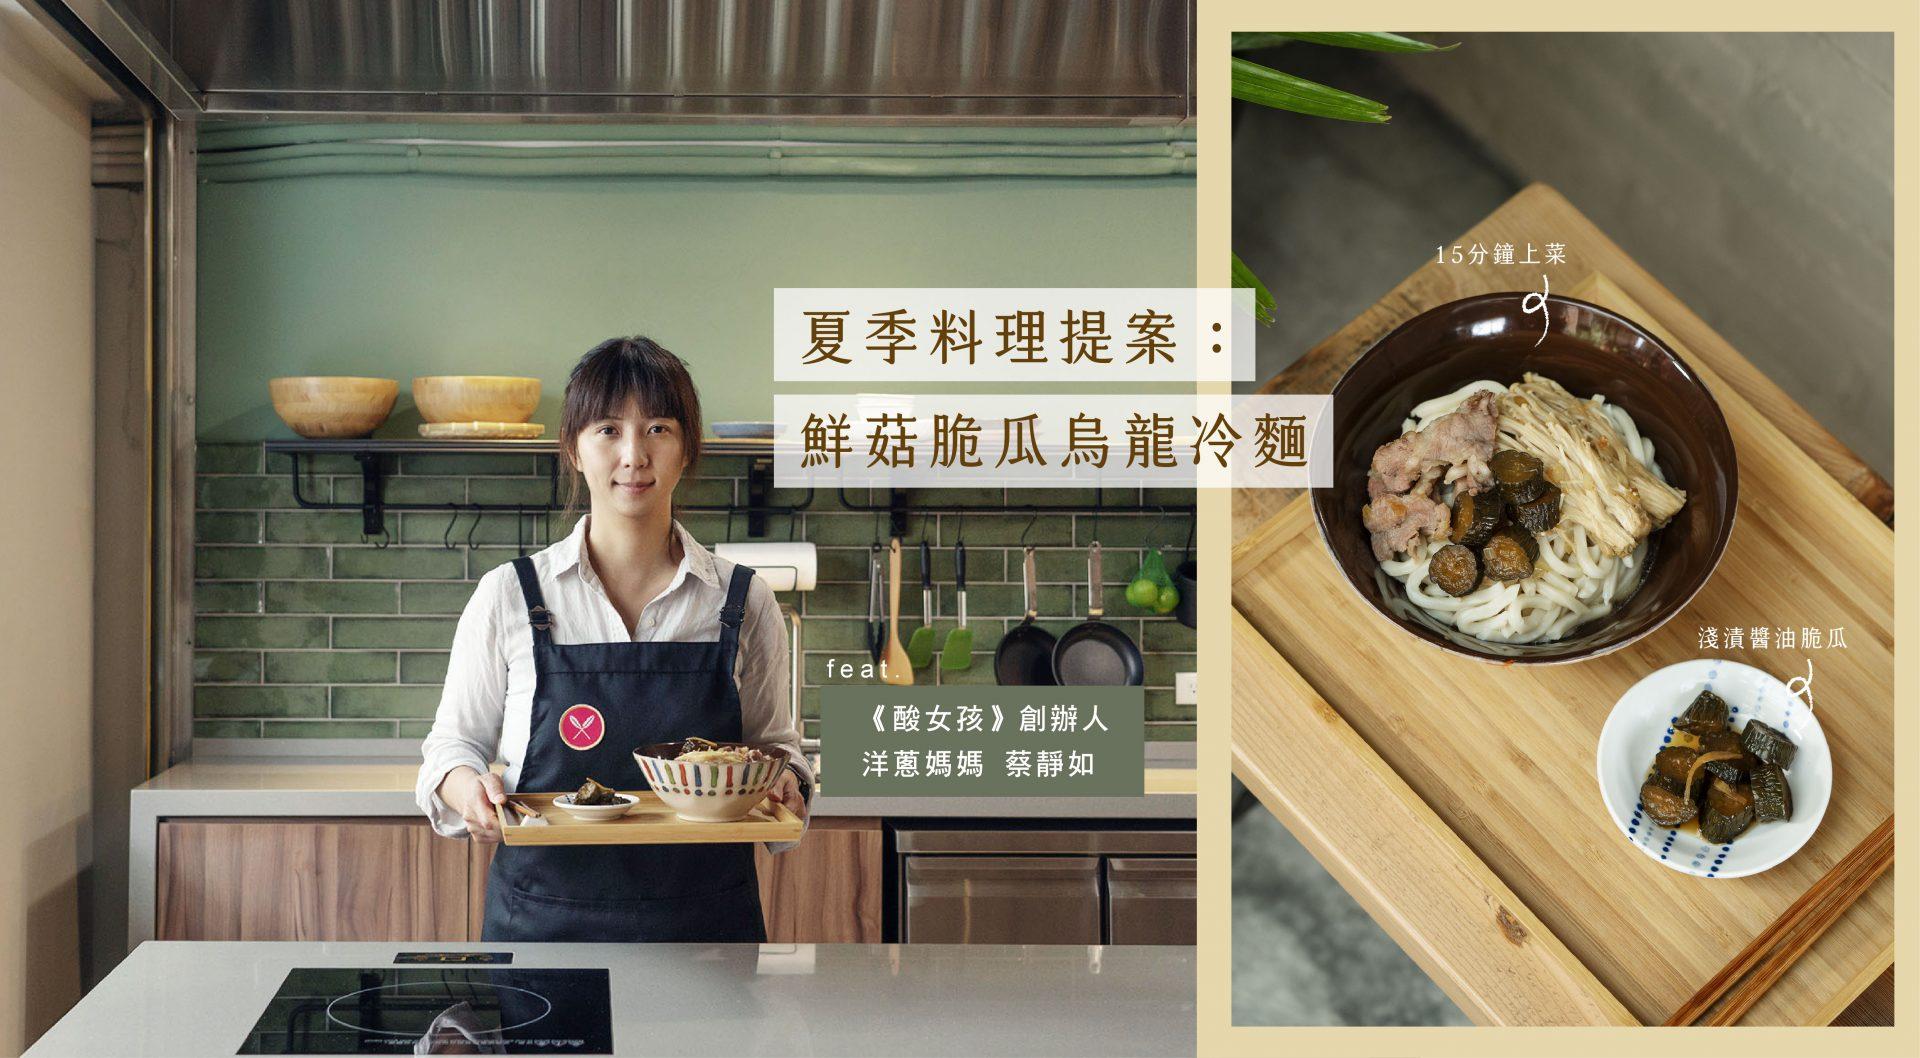 《 酸女孩 》洋蔥媽媽的「 夏季料理 」提案:鮮菇脆瓜烏龍冷麵